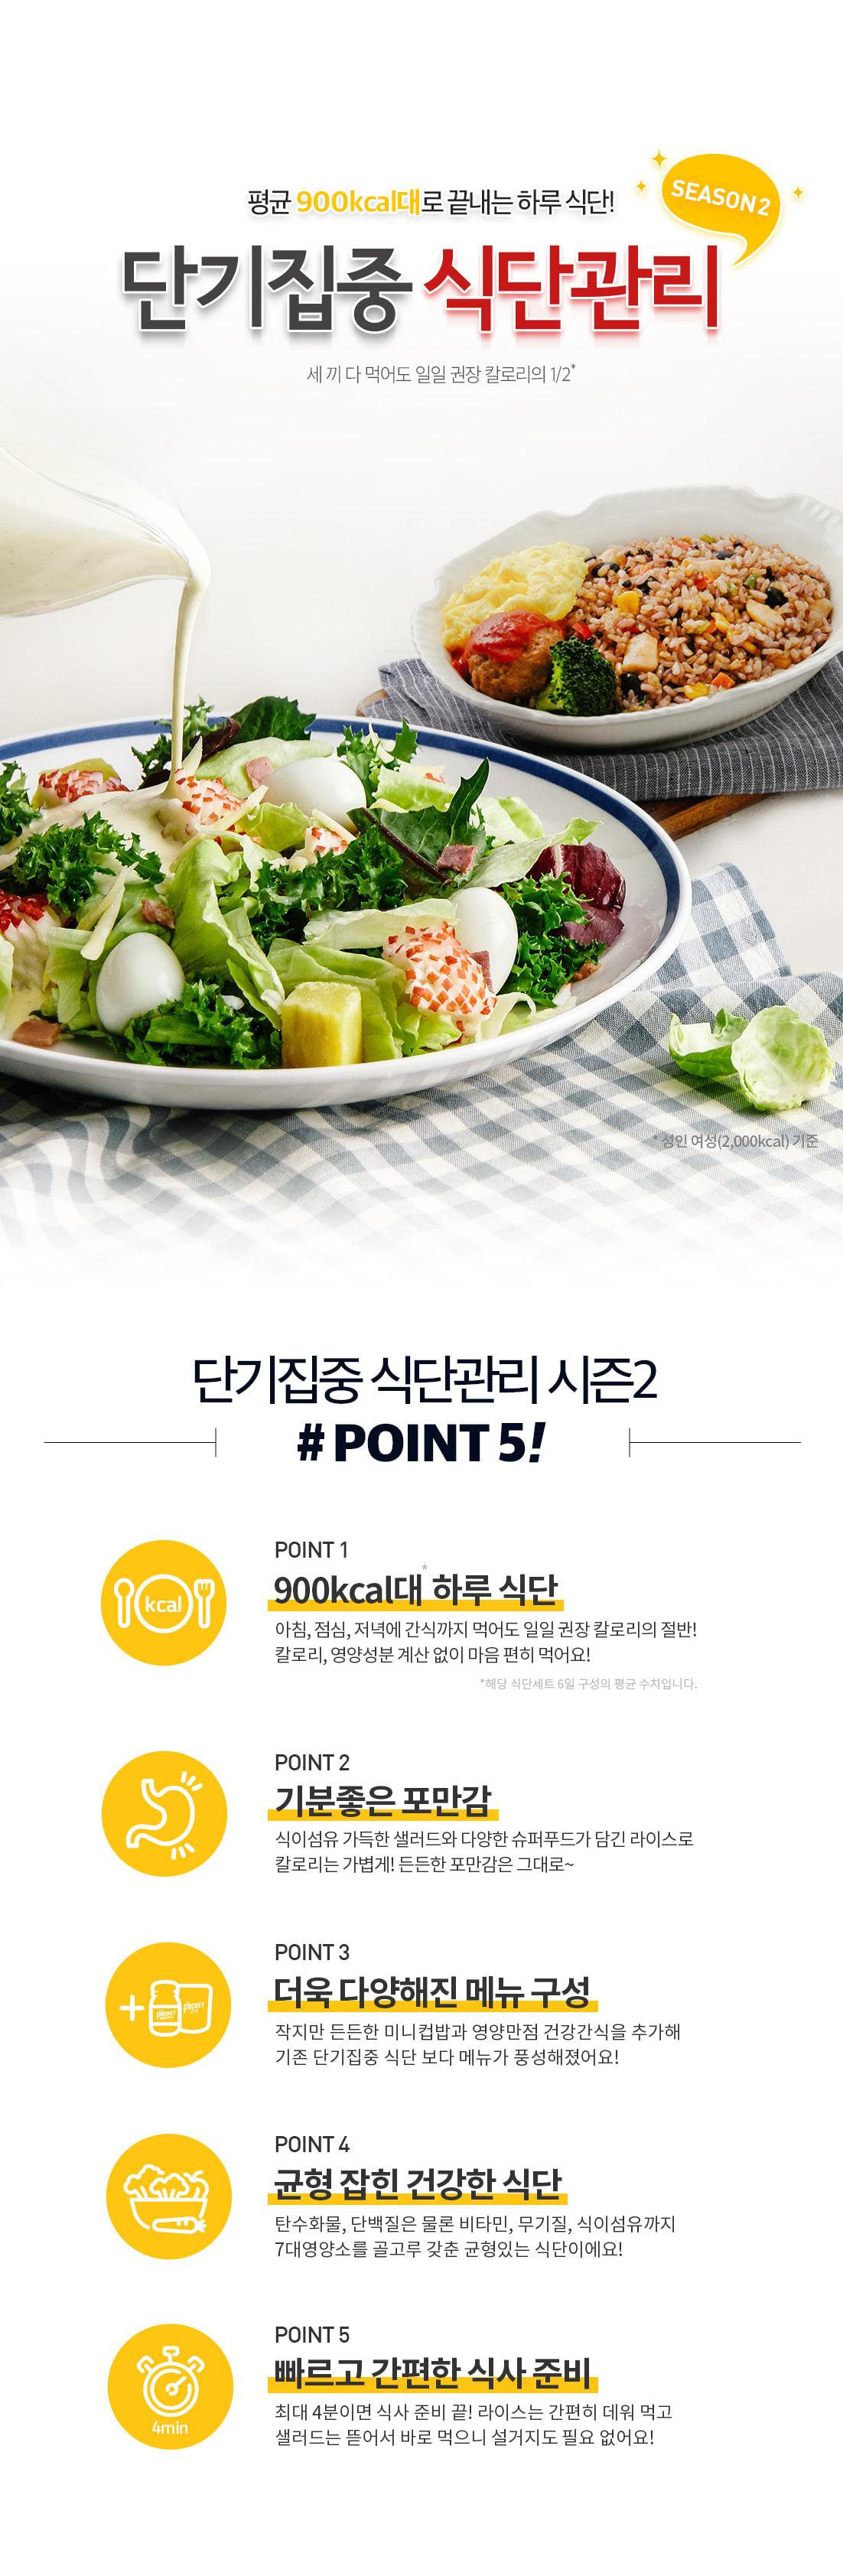 단기집중 시즌2 - 메인/ 포인트